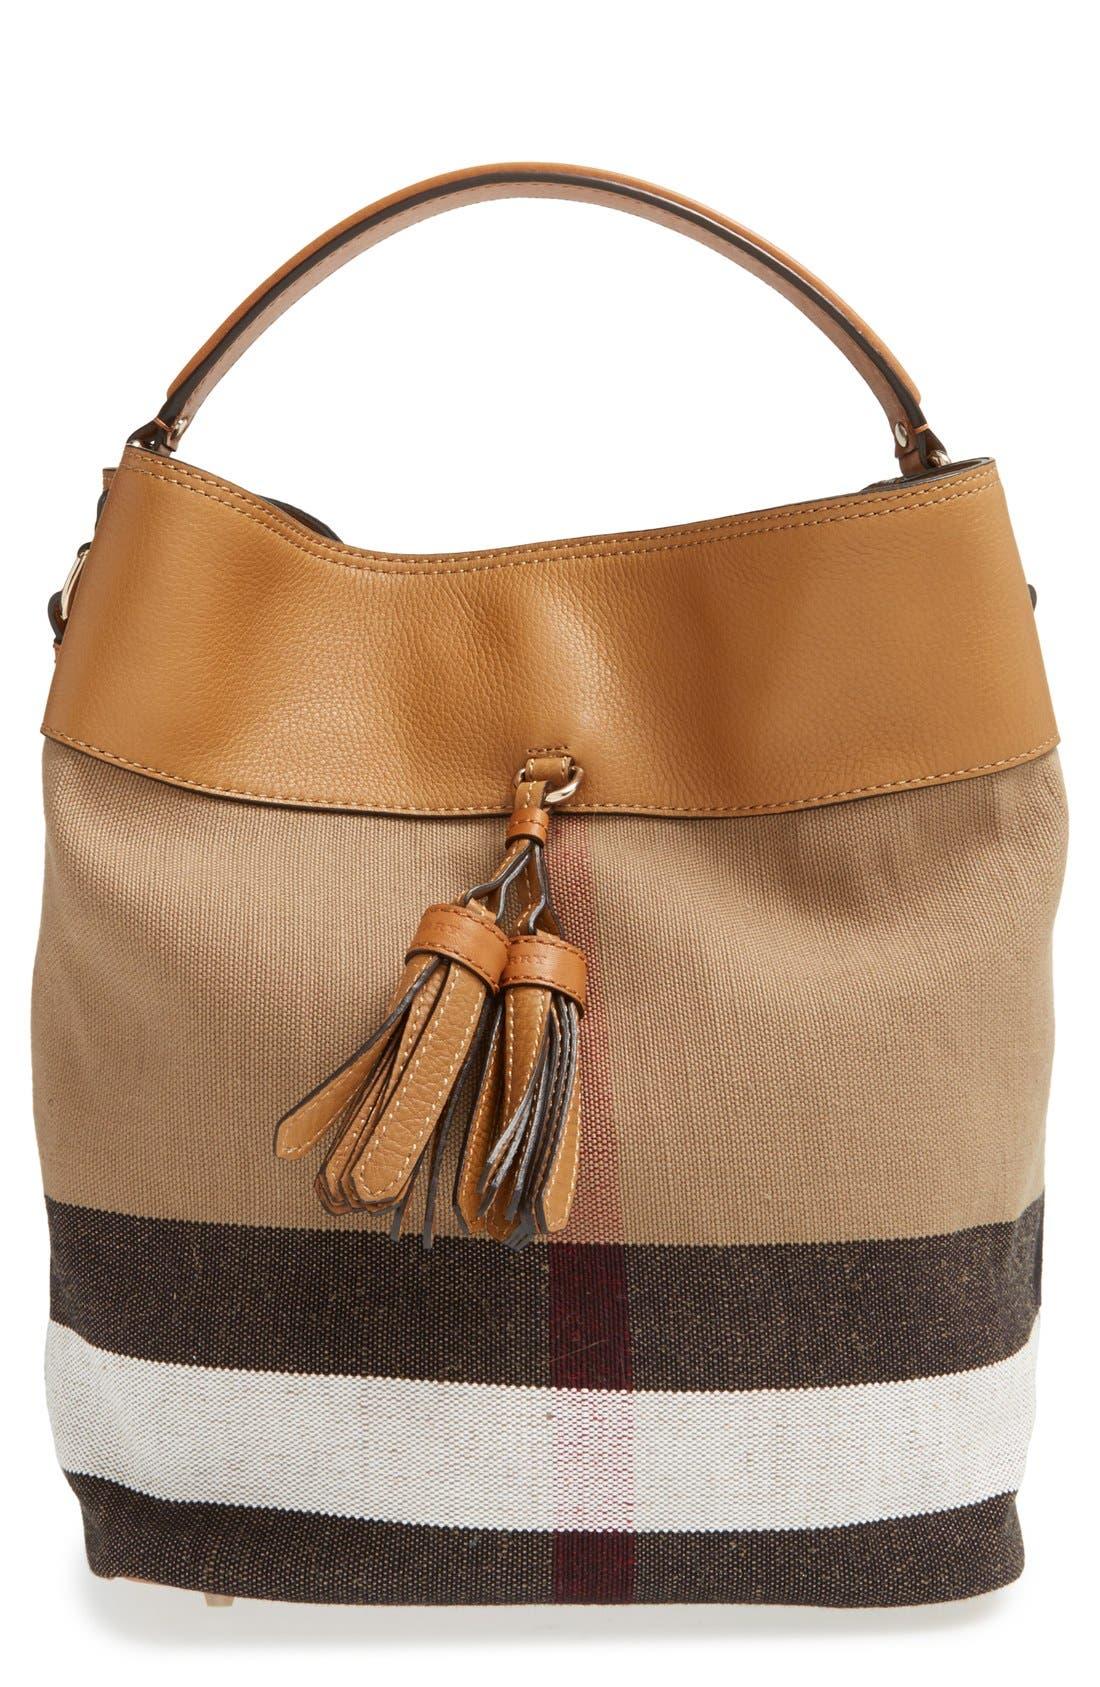 BURBERRY Medium Ashby Bucket Bag, Main, color, 200